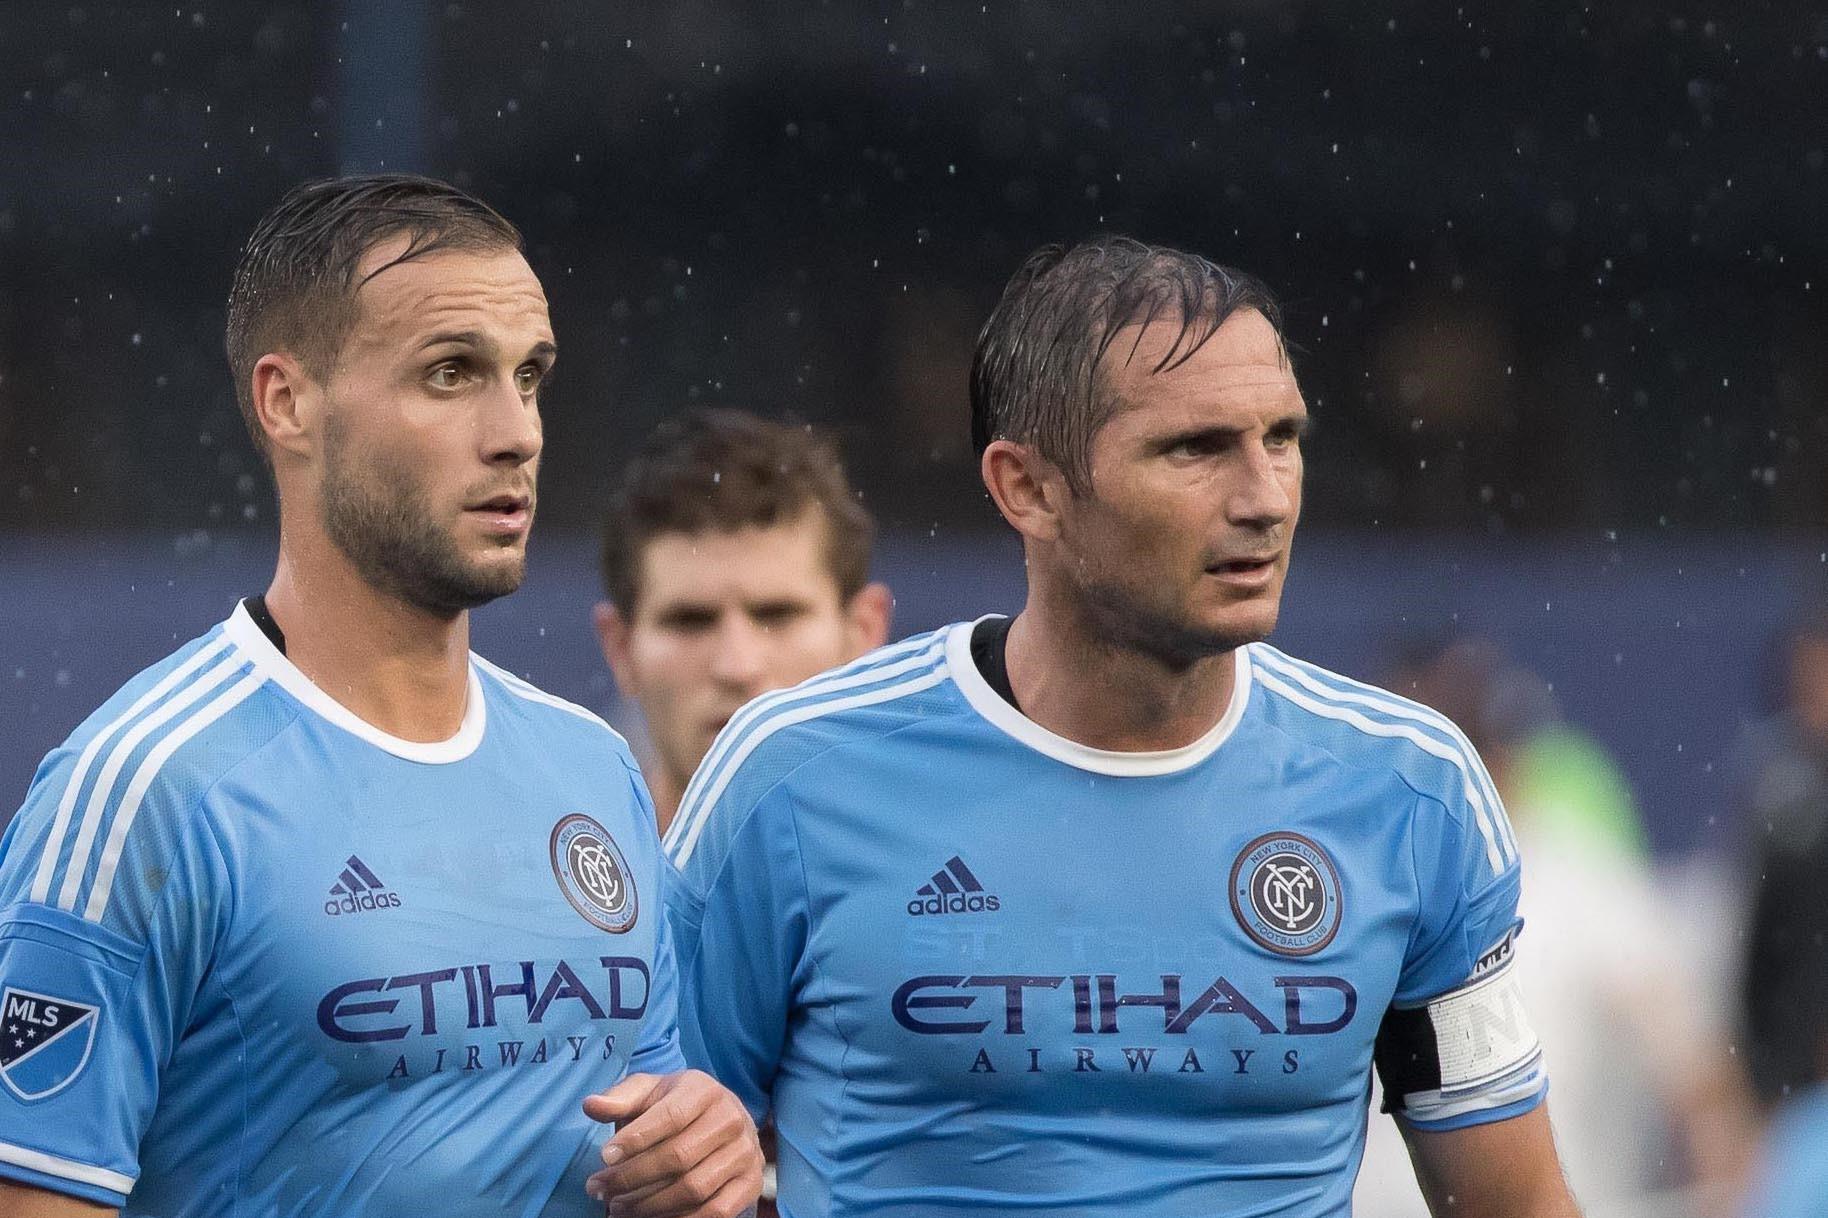 En débarquant à New York, Chanot fait équipe avec Frank Lampard, NYCFC